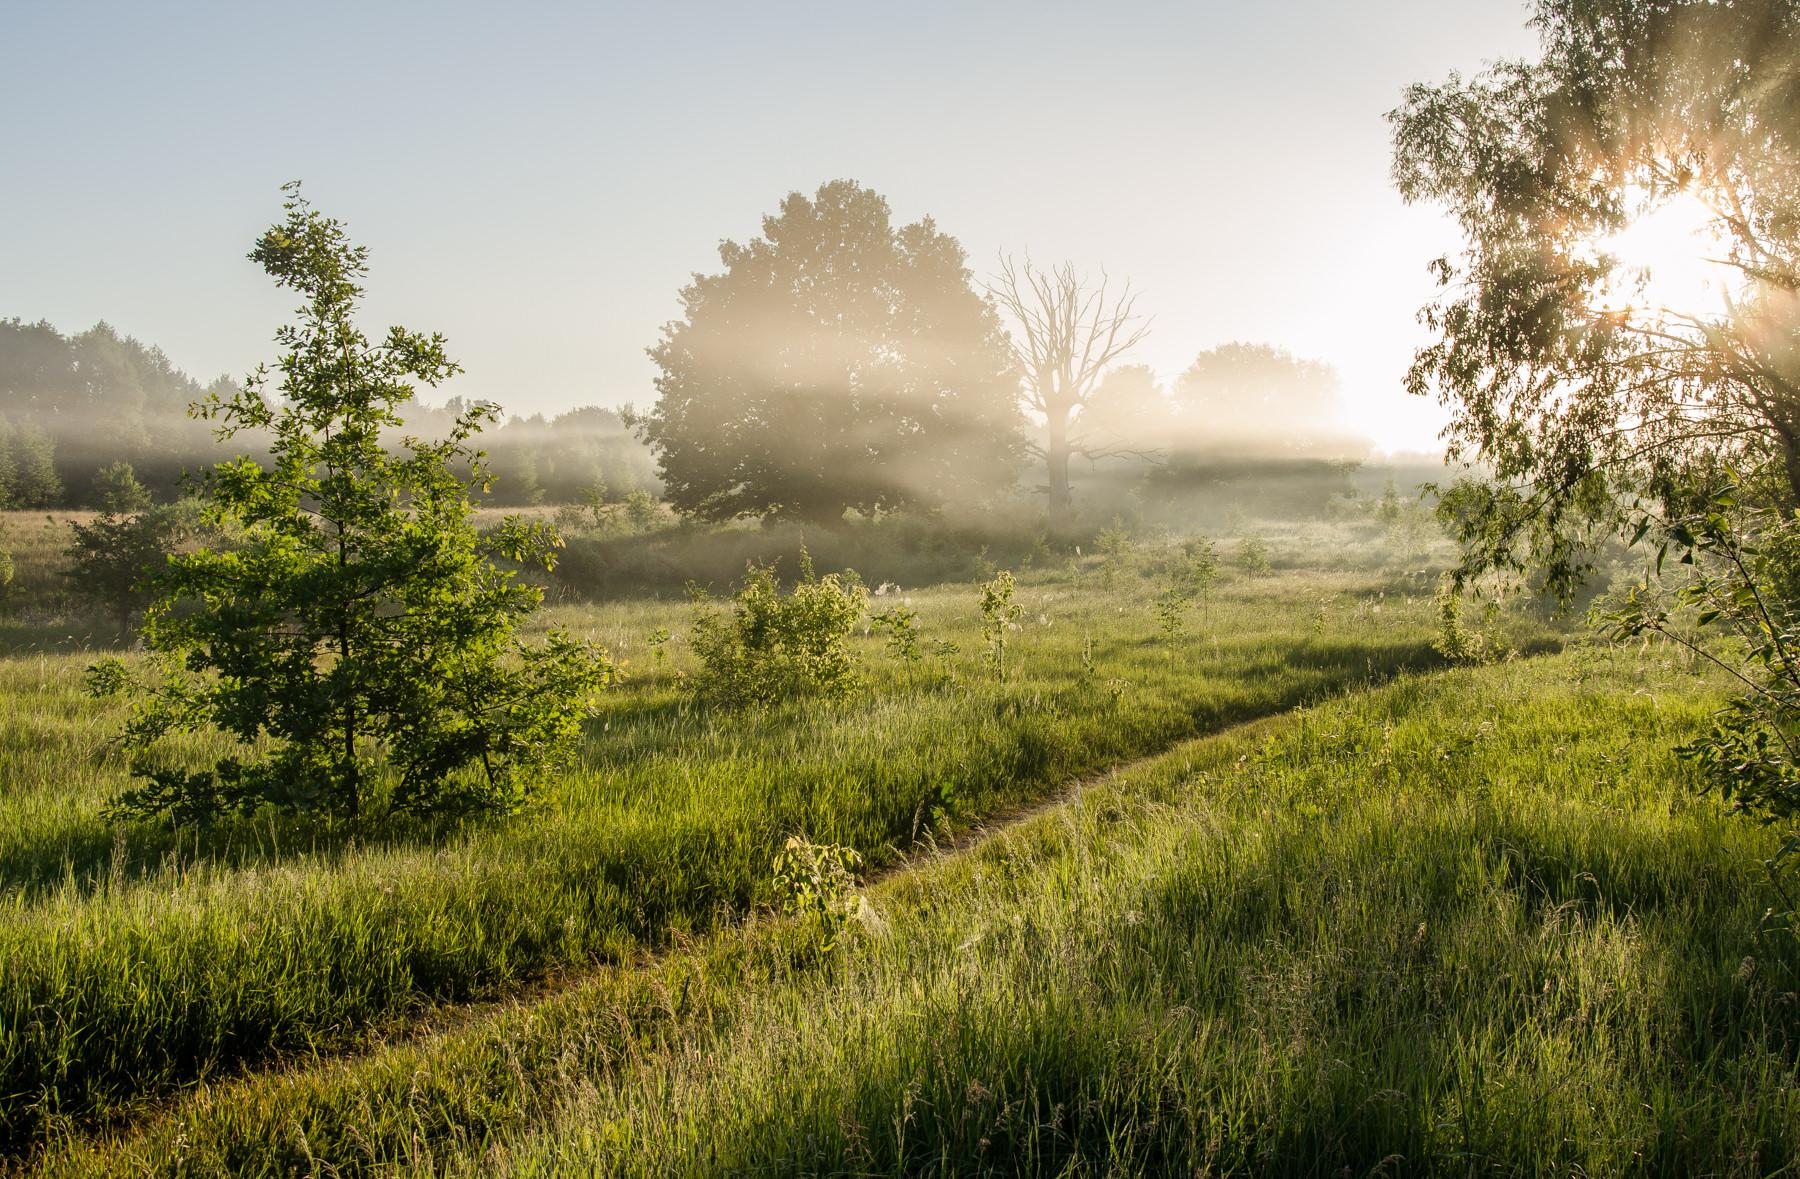 встретить, как туман летом фото юрия, куда мне